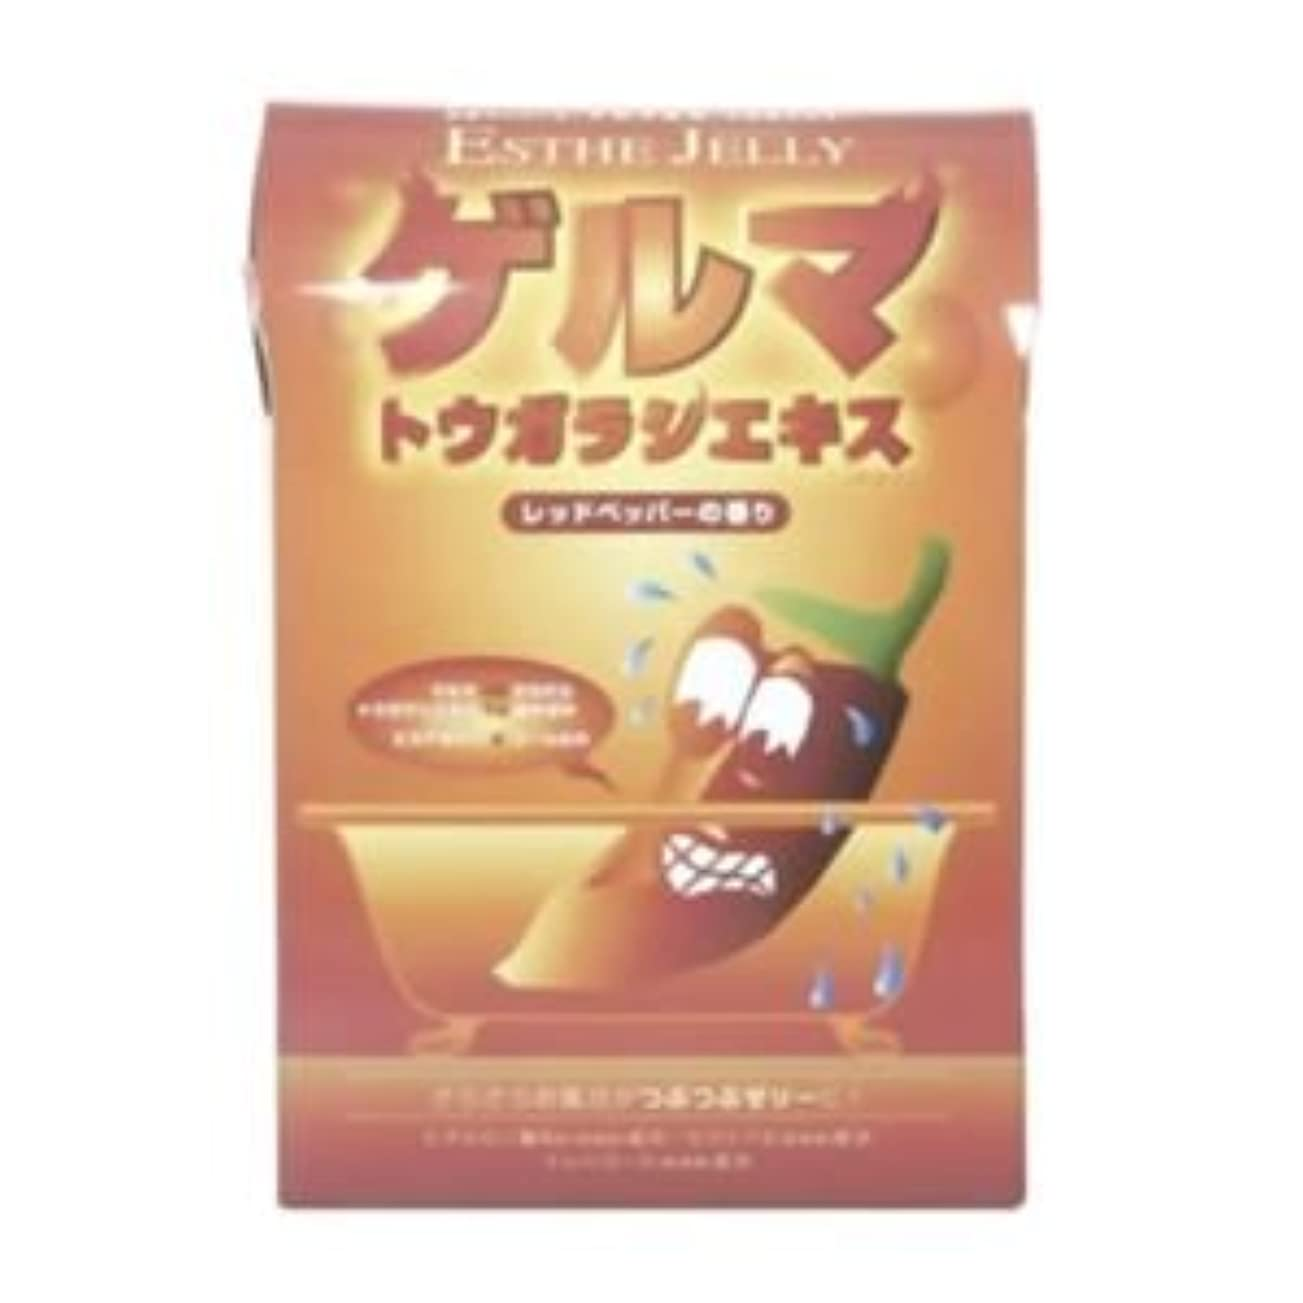 コンクリート与える雄弁なエステゼリー ゲルマ レッドペッパーの香り 【2セット】